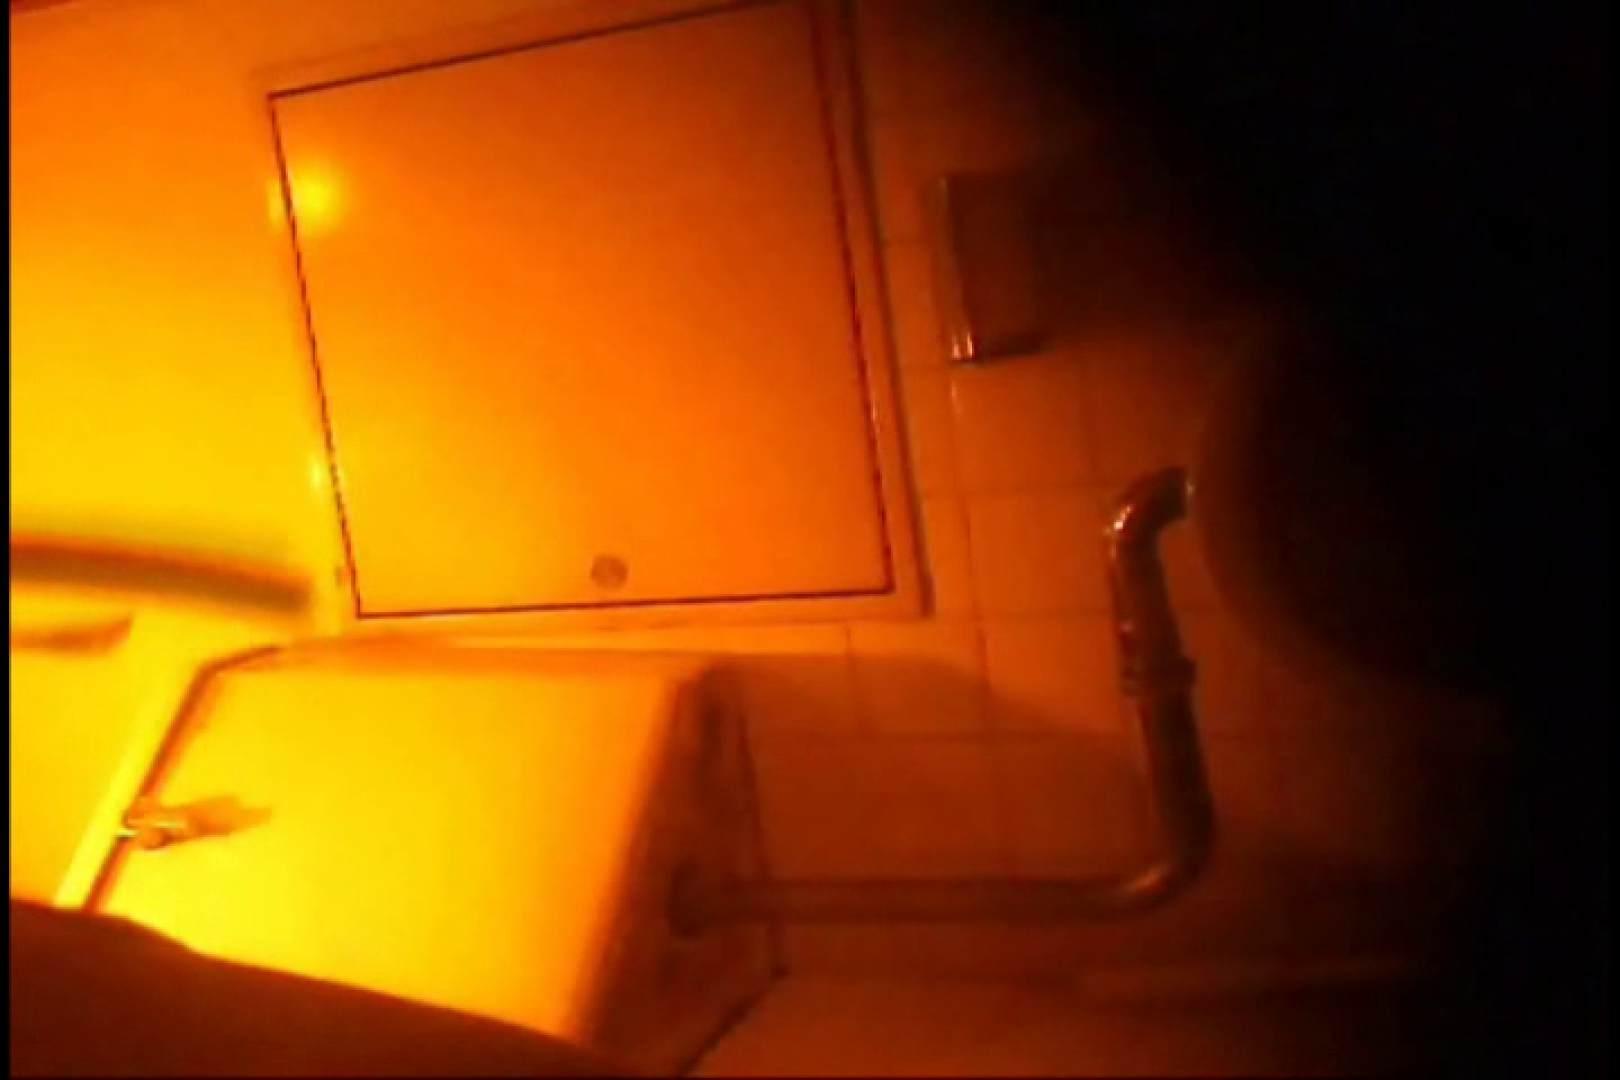 亀さんかわや VIP和式2カメバージョン! vol.04 黄金水 おめこ無修正動画無料 93PIX 18